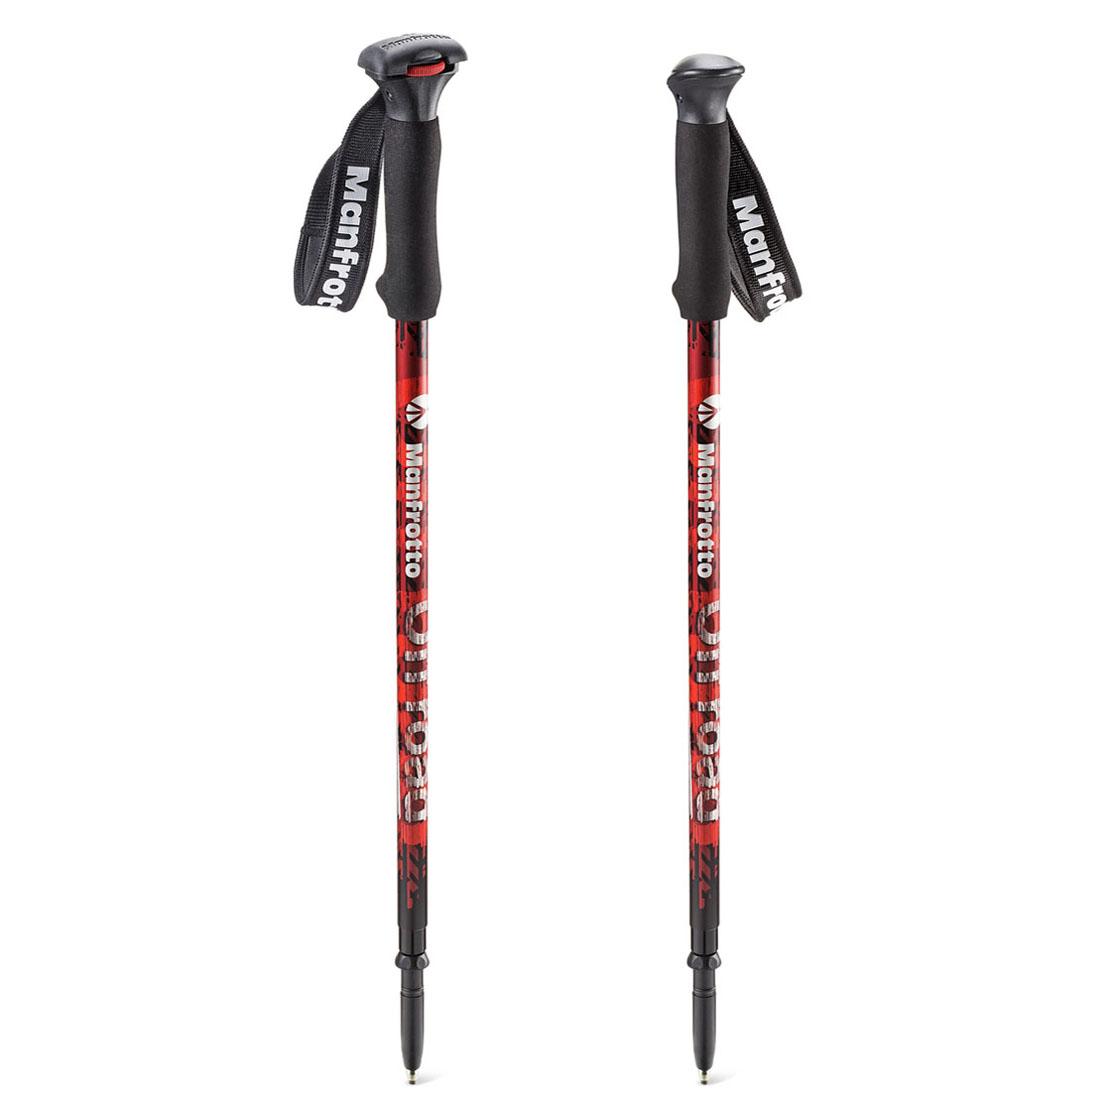 Monopod Manfrotto Off road MKOFFROAD - crveni štap za hodanje